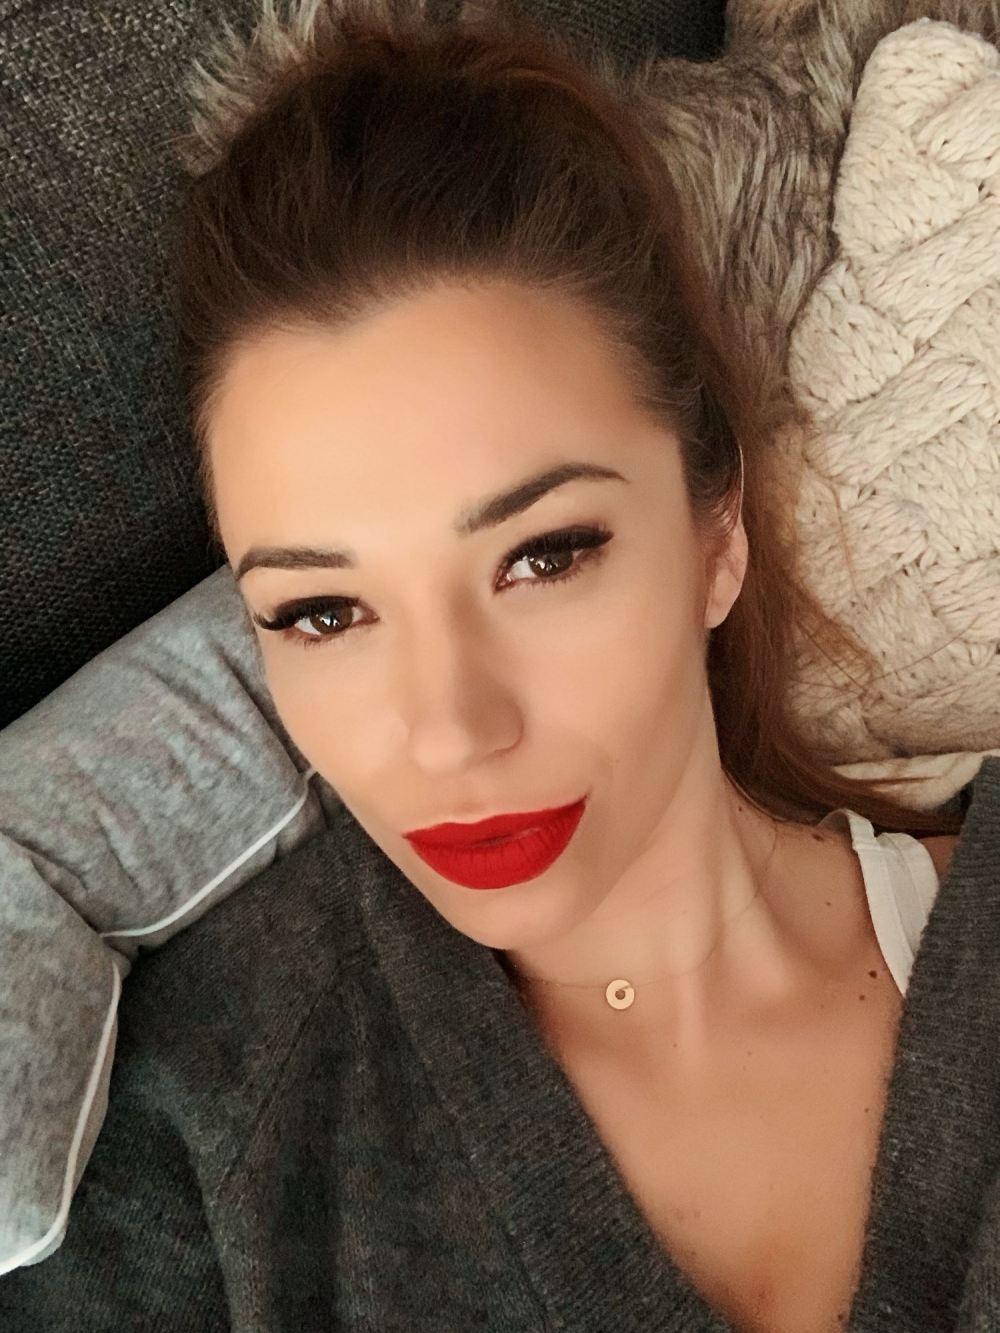 Agnieszka Wesolowska usta wesowow